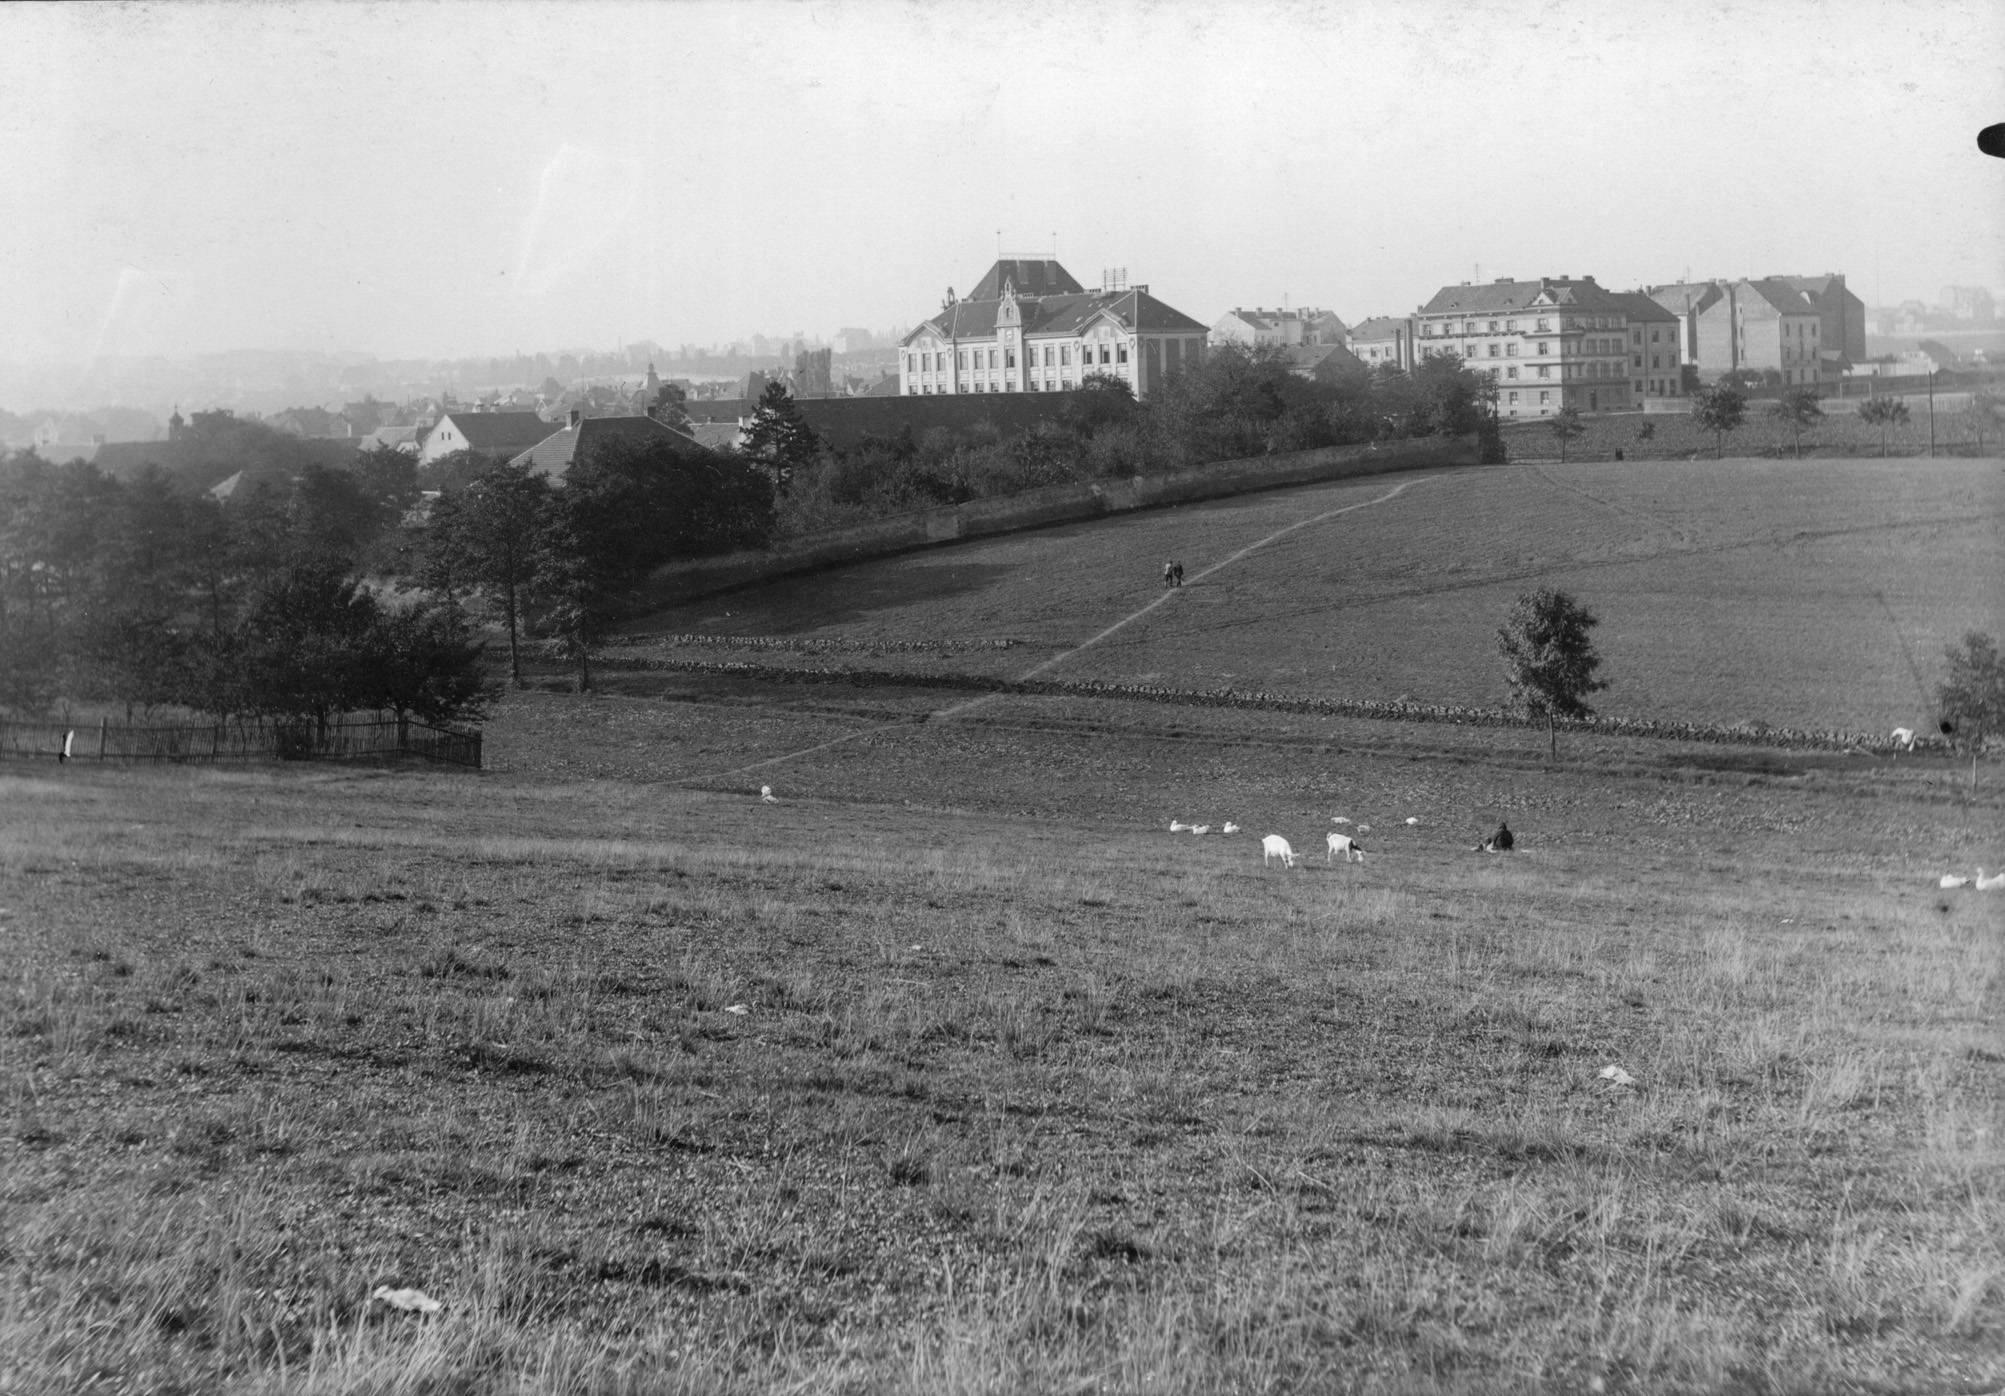 Pohled na staré Strašnice kolem roku 1927. Zatímco původní venkovská zástavba byla v poslední třetině 20. století prakticky zničena, secesní budova školy uprostřed na snímku, se zachovala dodnes. - popisky sepsal architekt Petr Kučera